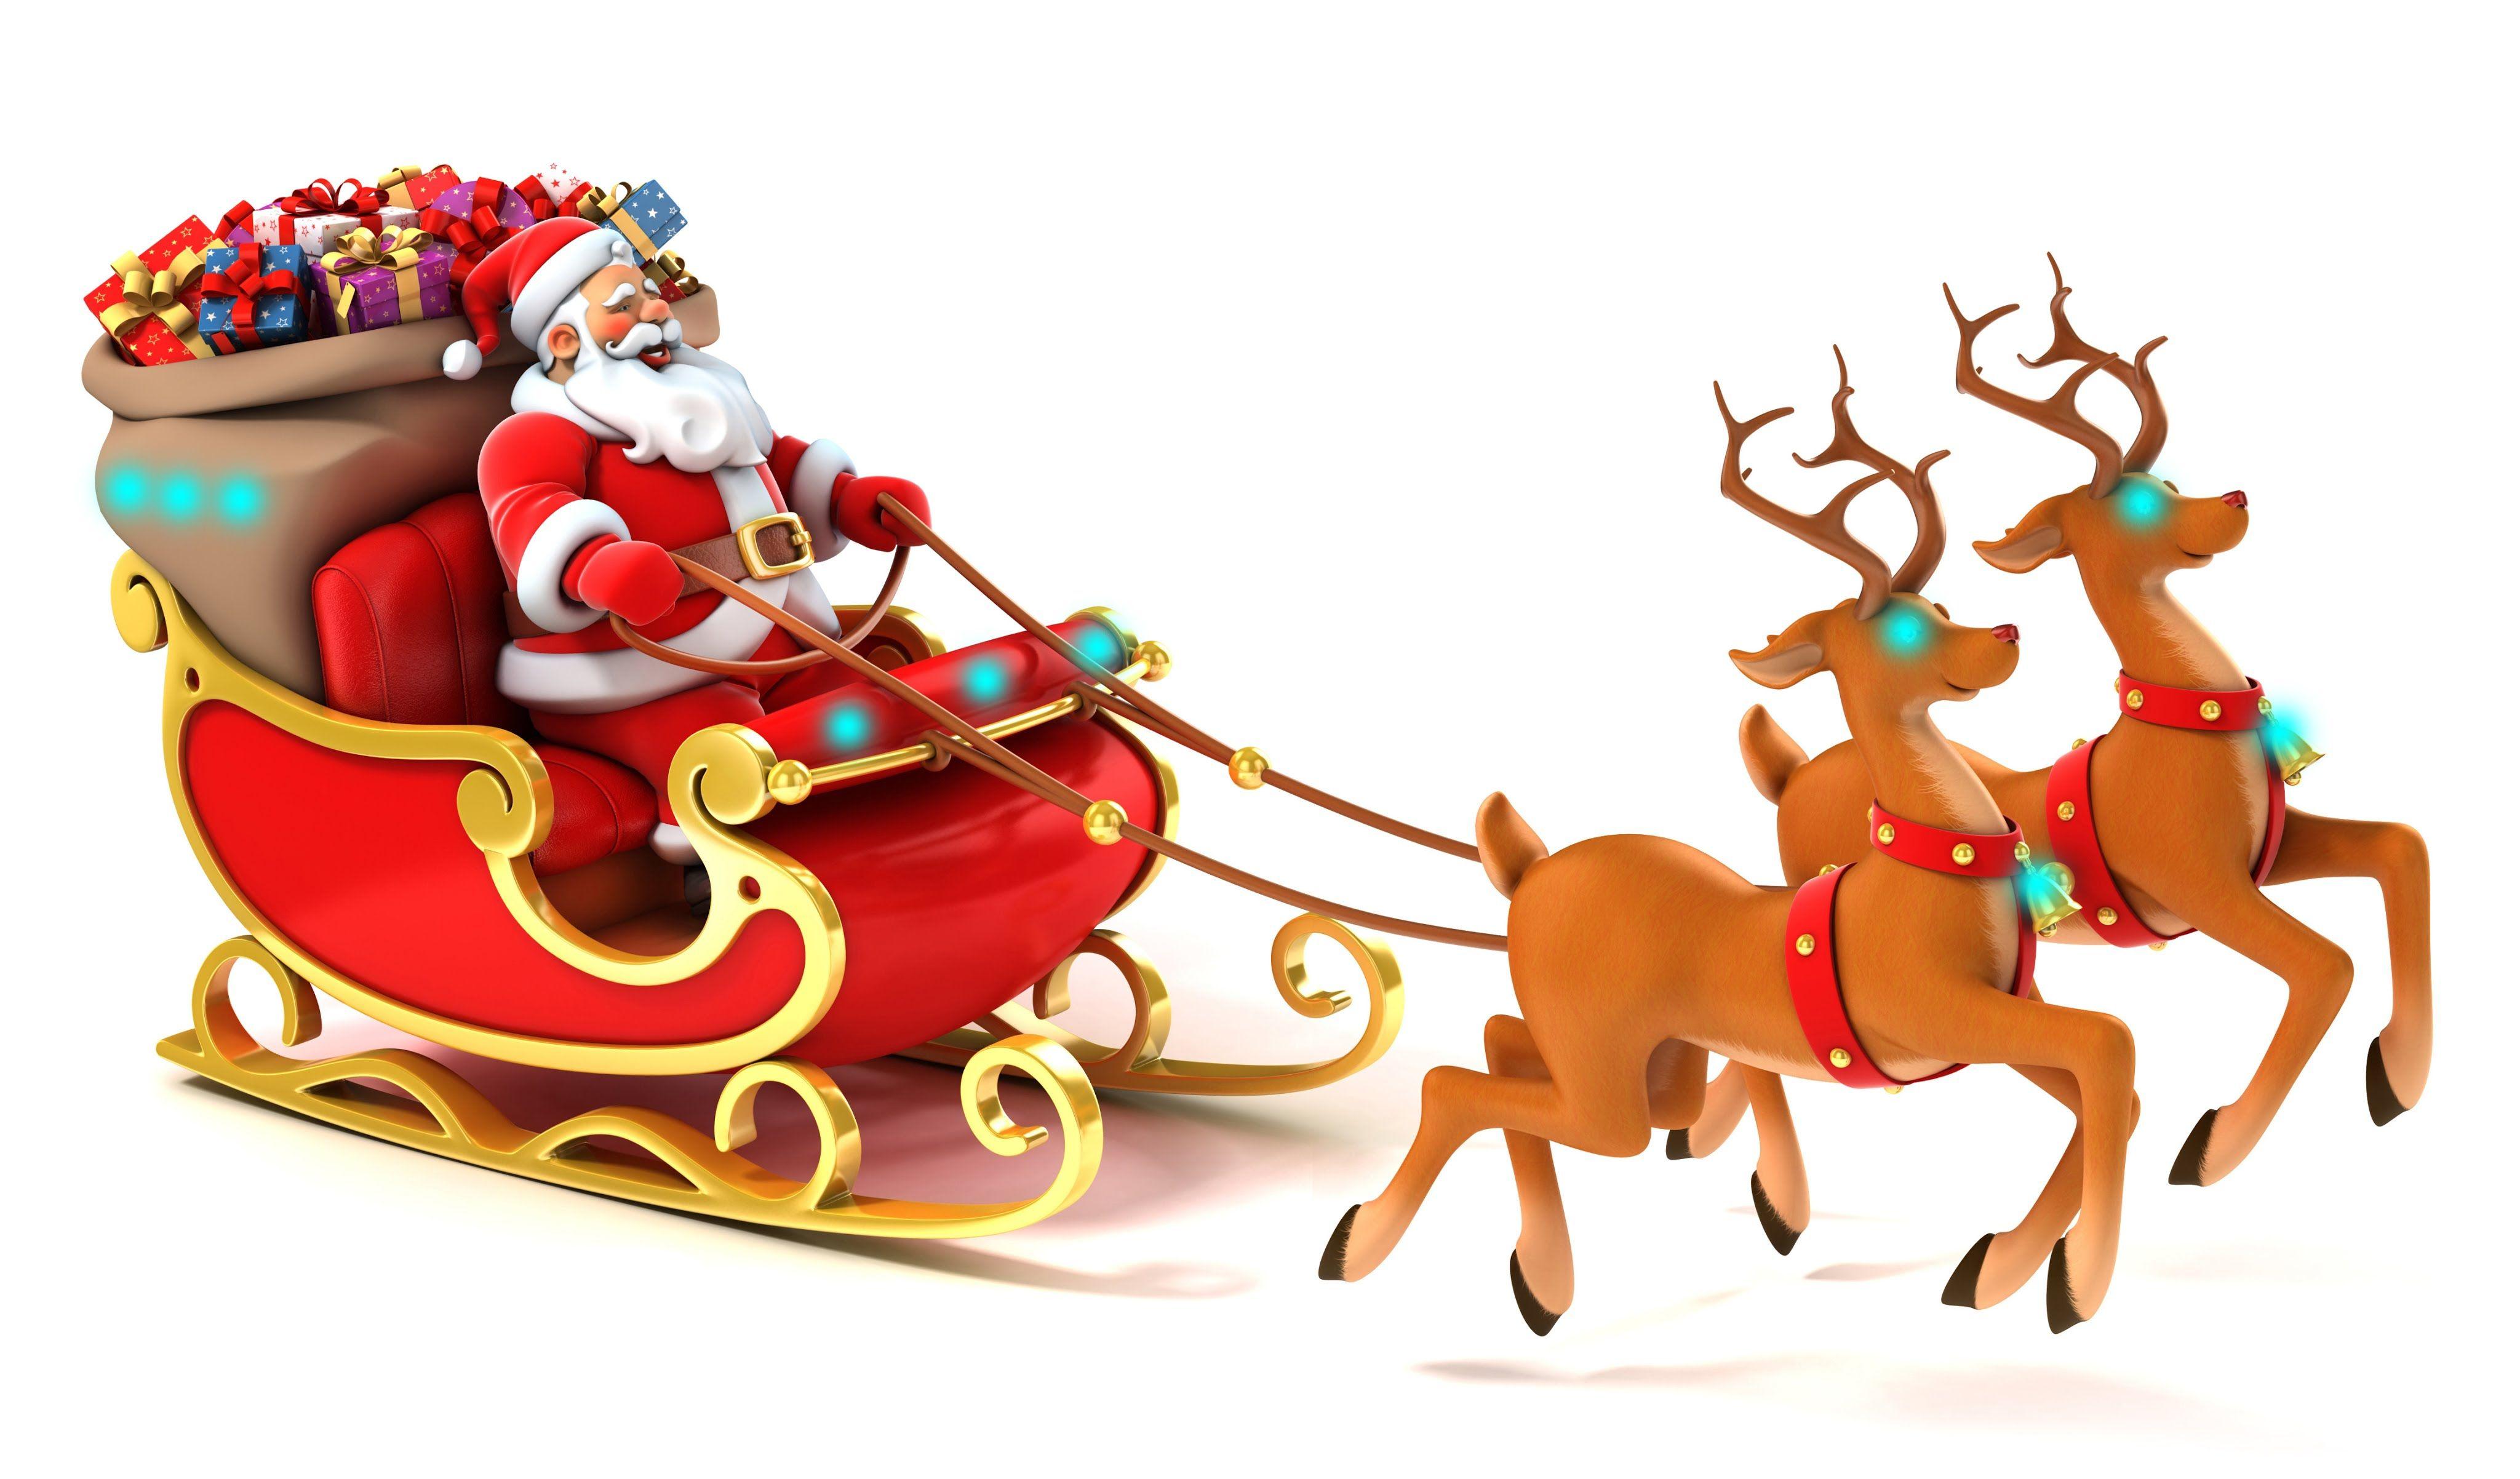 Santa Claus Images Free Download Merry Christmas Images Merry Christmas Greetings Merry Christmas Santa